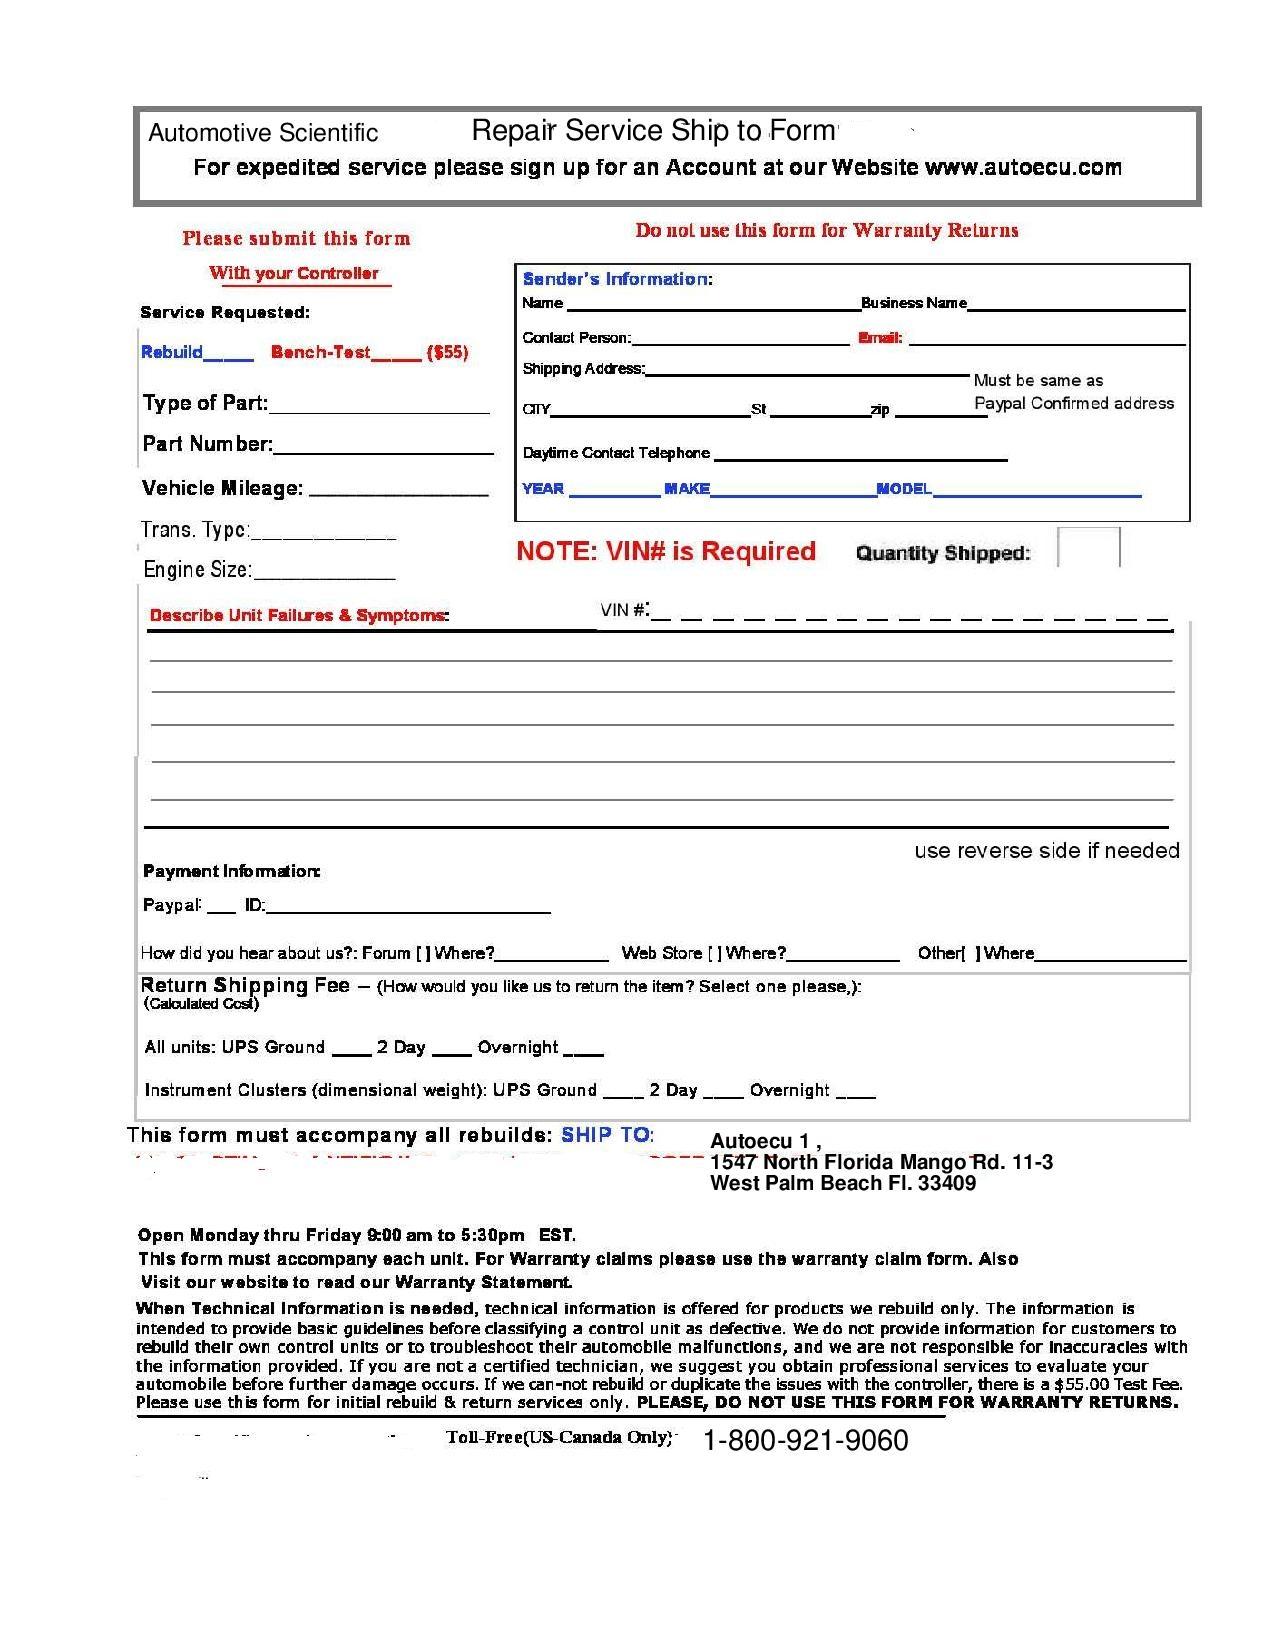 r-r-form-page-001.jpg